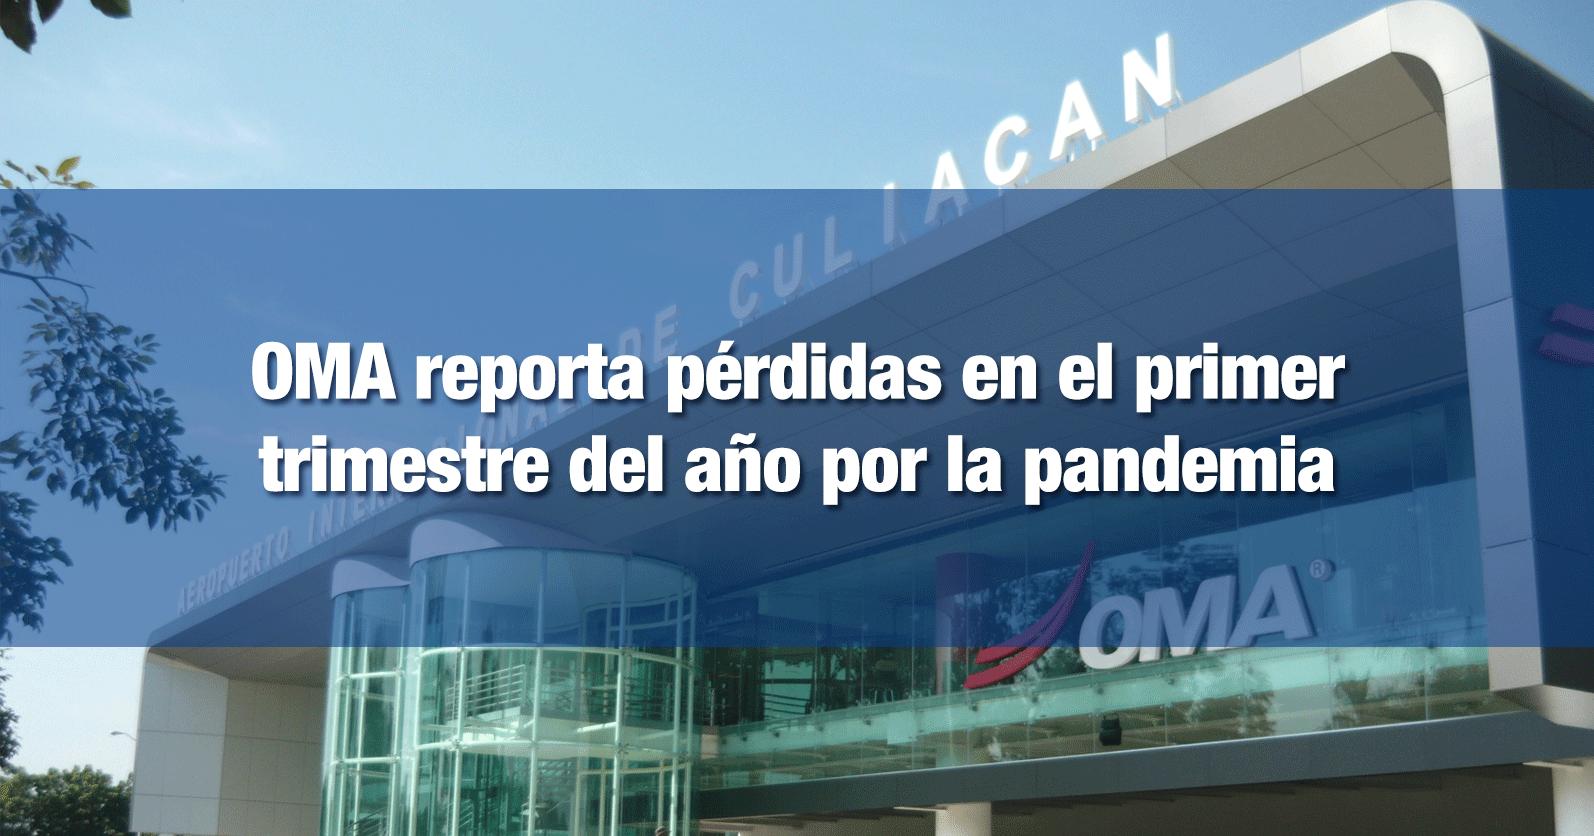 OMA reporta pérdidas en el primer trimestre del año por la pandemia